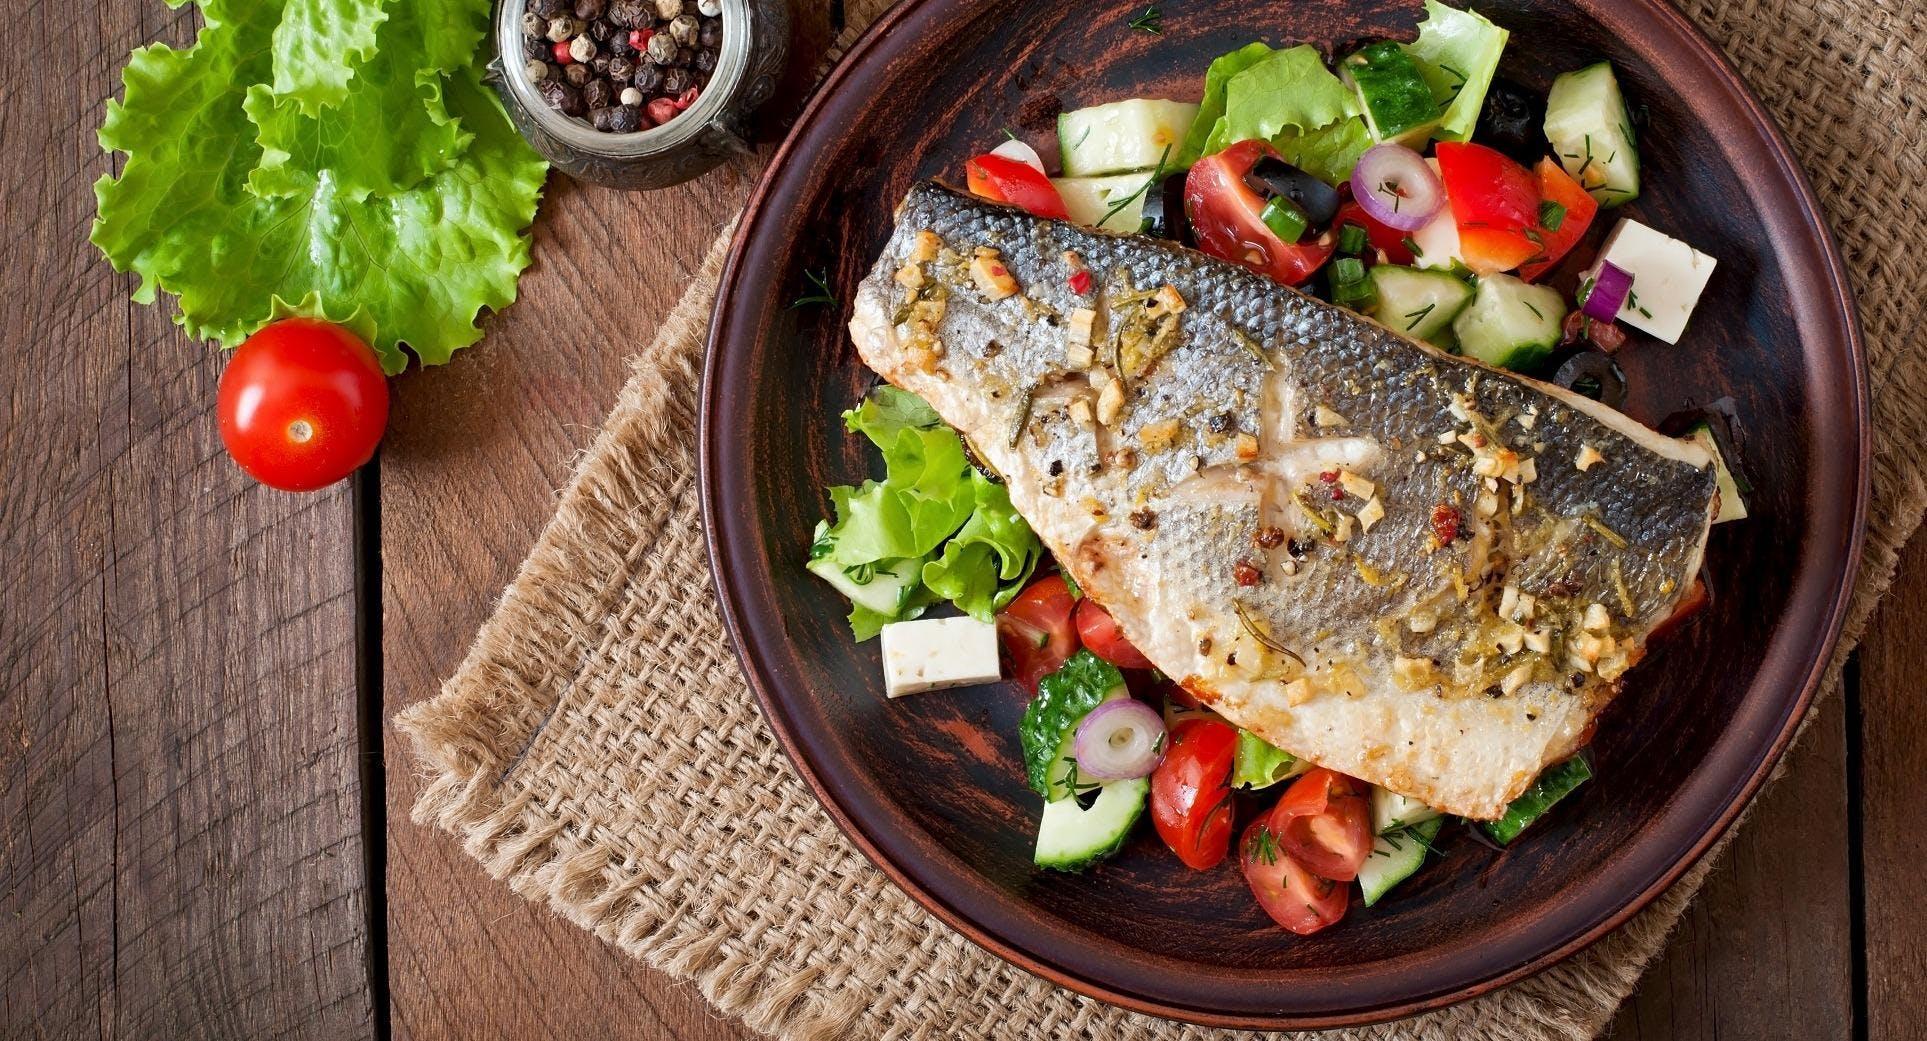 Fischmarkt Restaurant Köln image 3